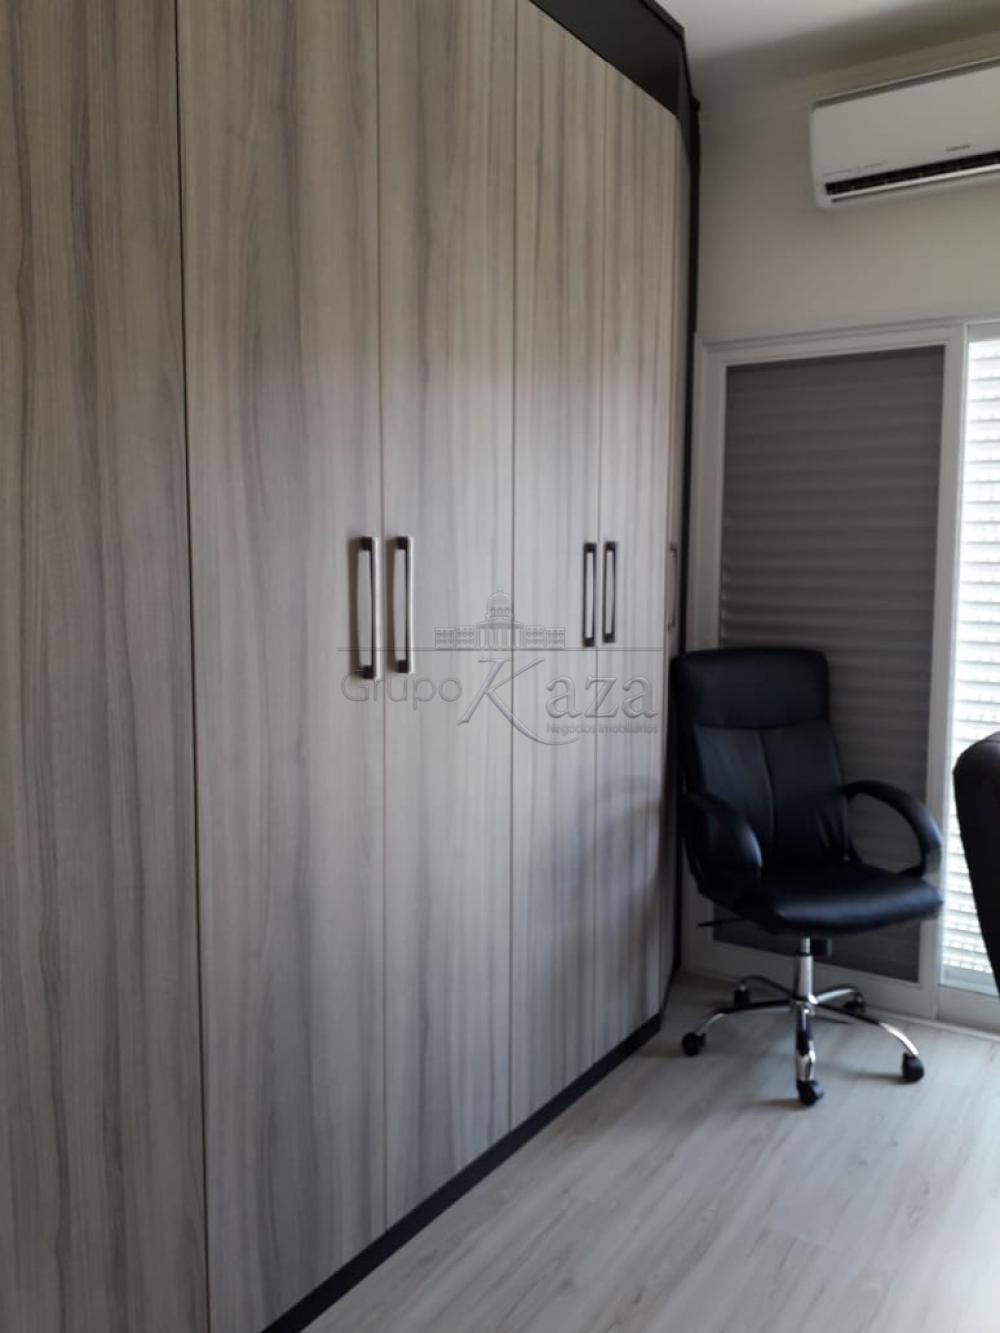 Comprar Casa / Condomínio em São José dos Campos apenas R$ 960.000,00 - Foto 29